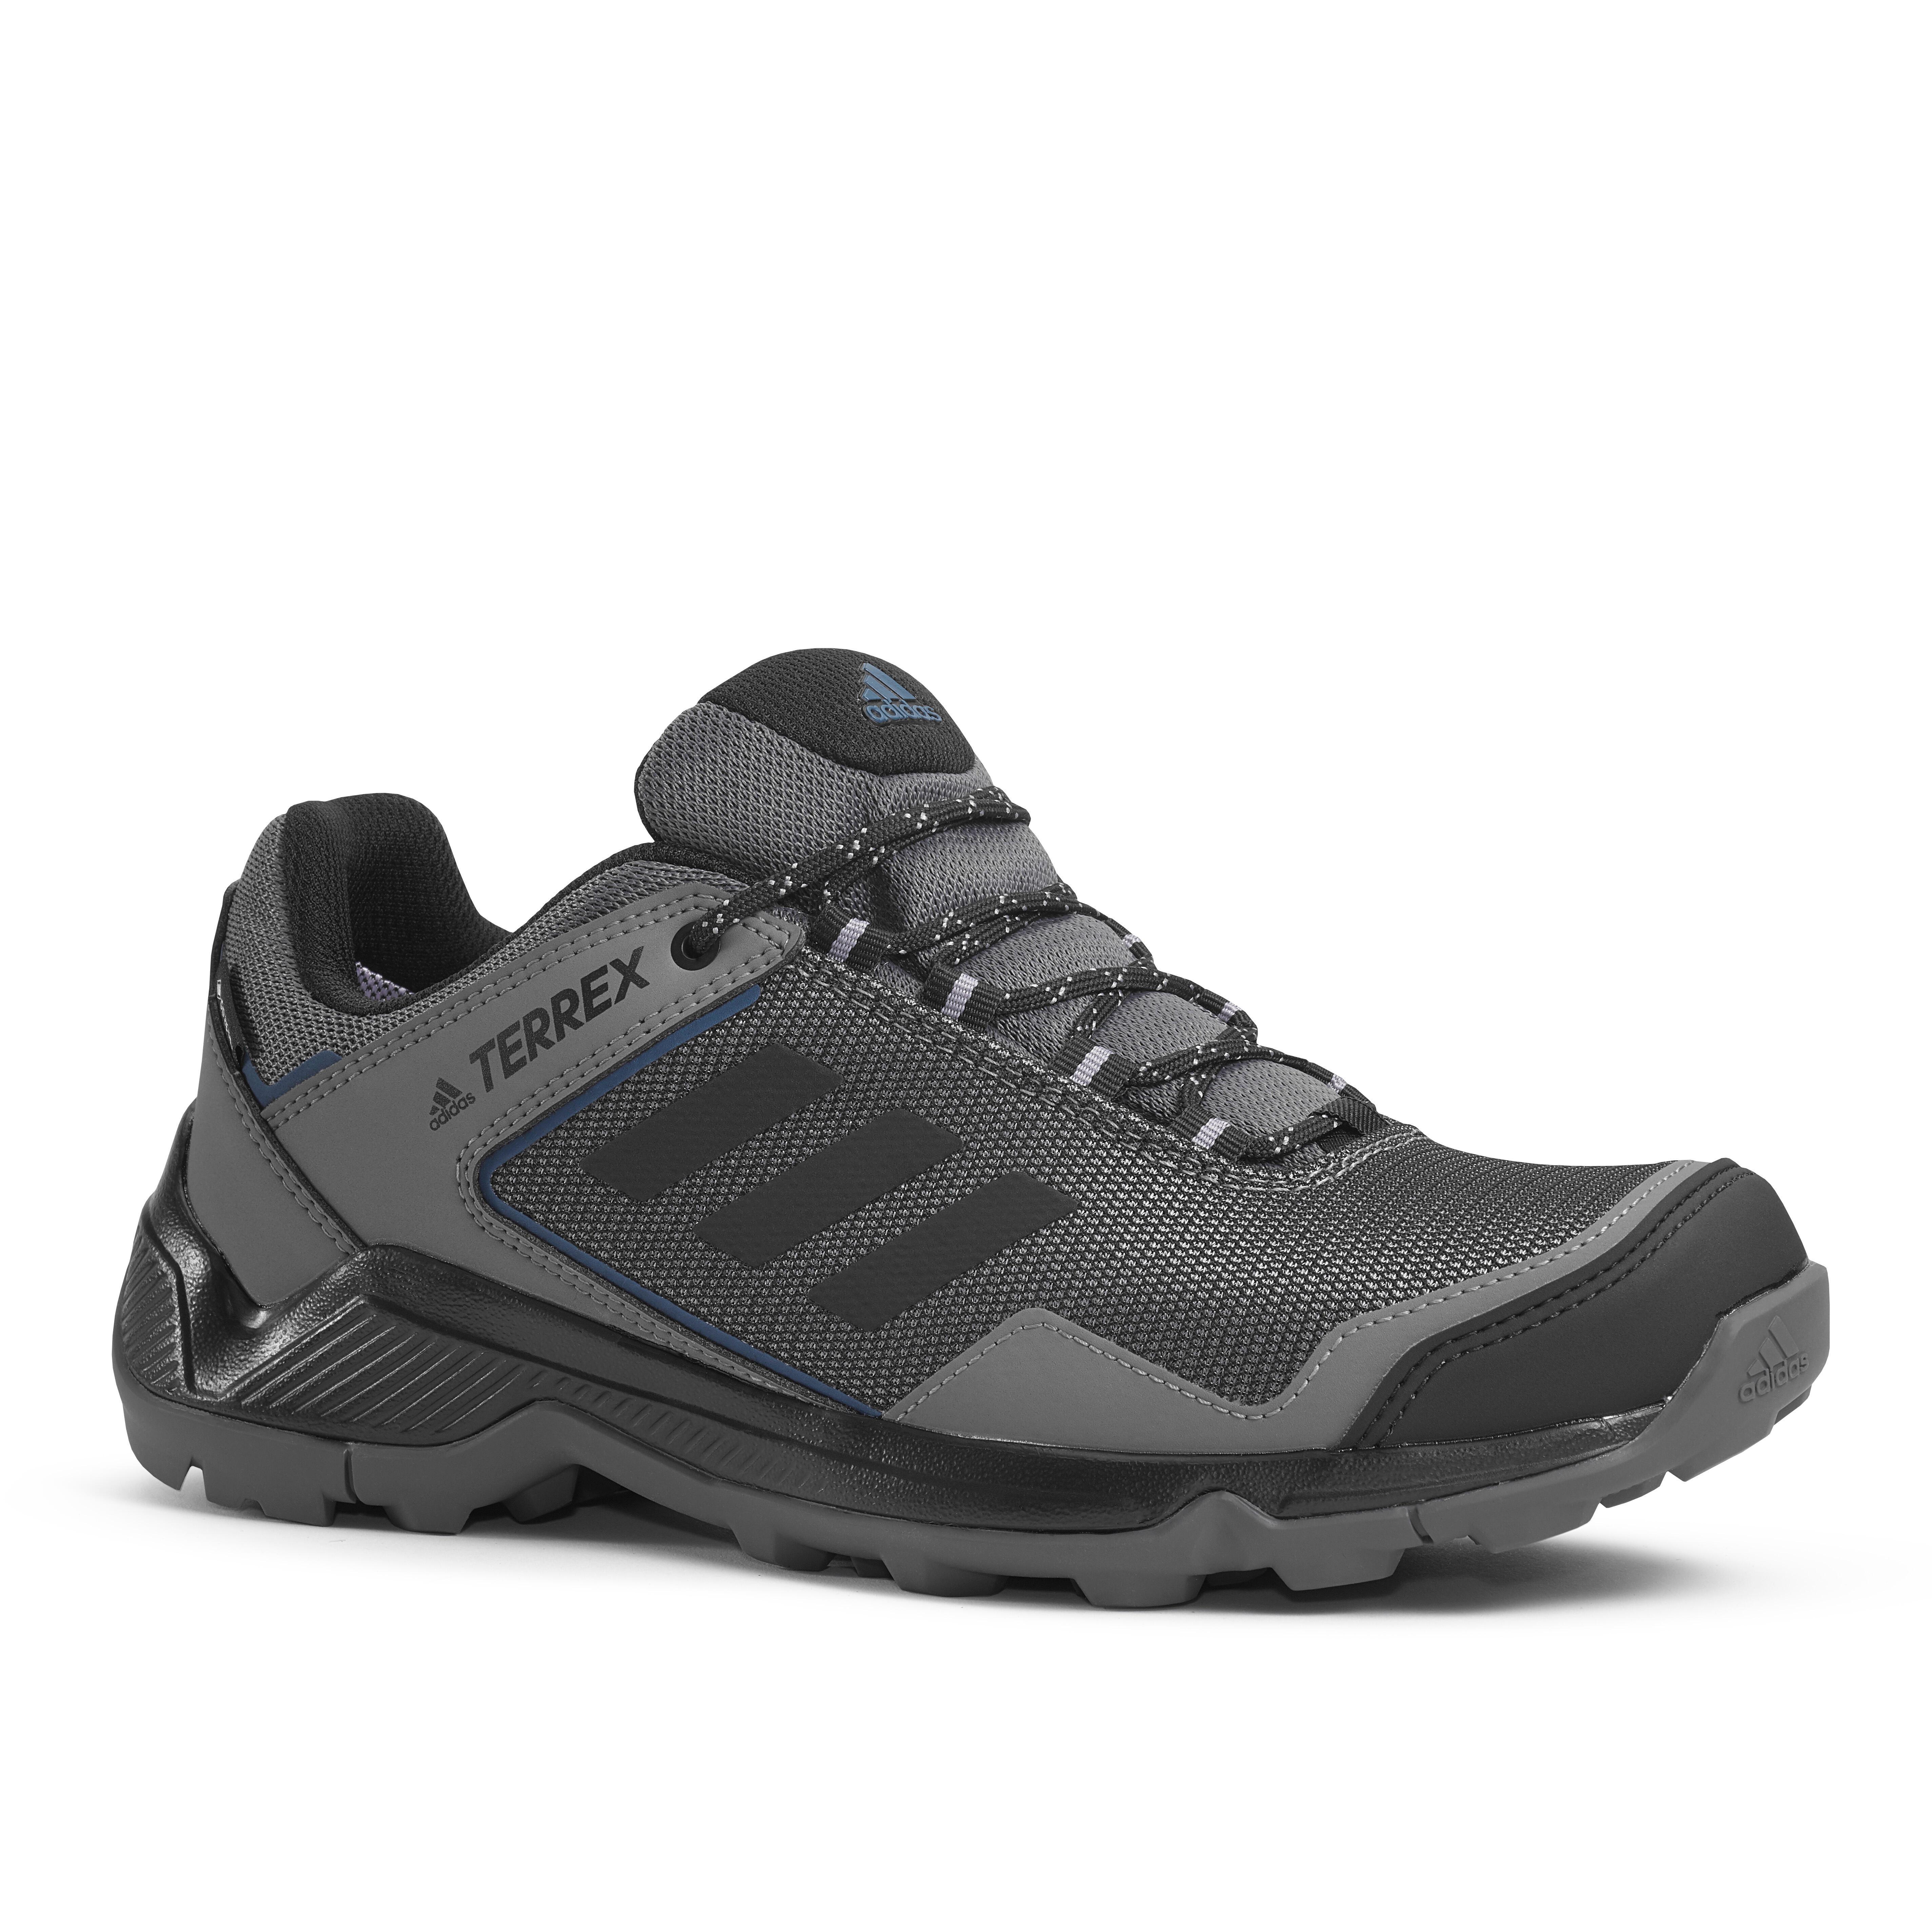 Chaussures imperméables de randonnée montagne - Adidas Terrex Eastrail Man - H